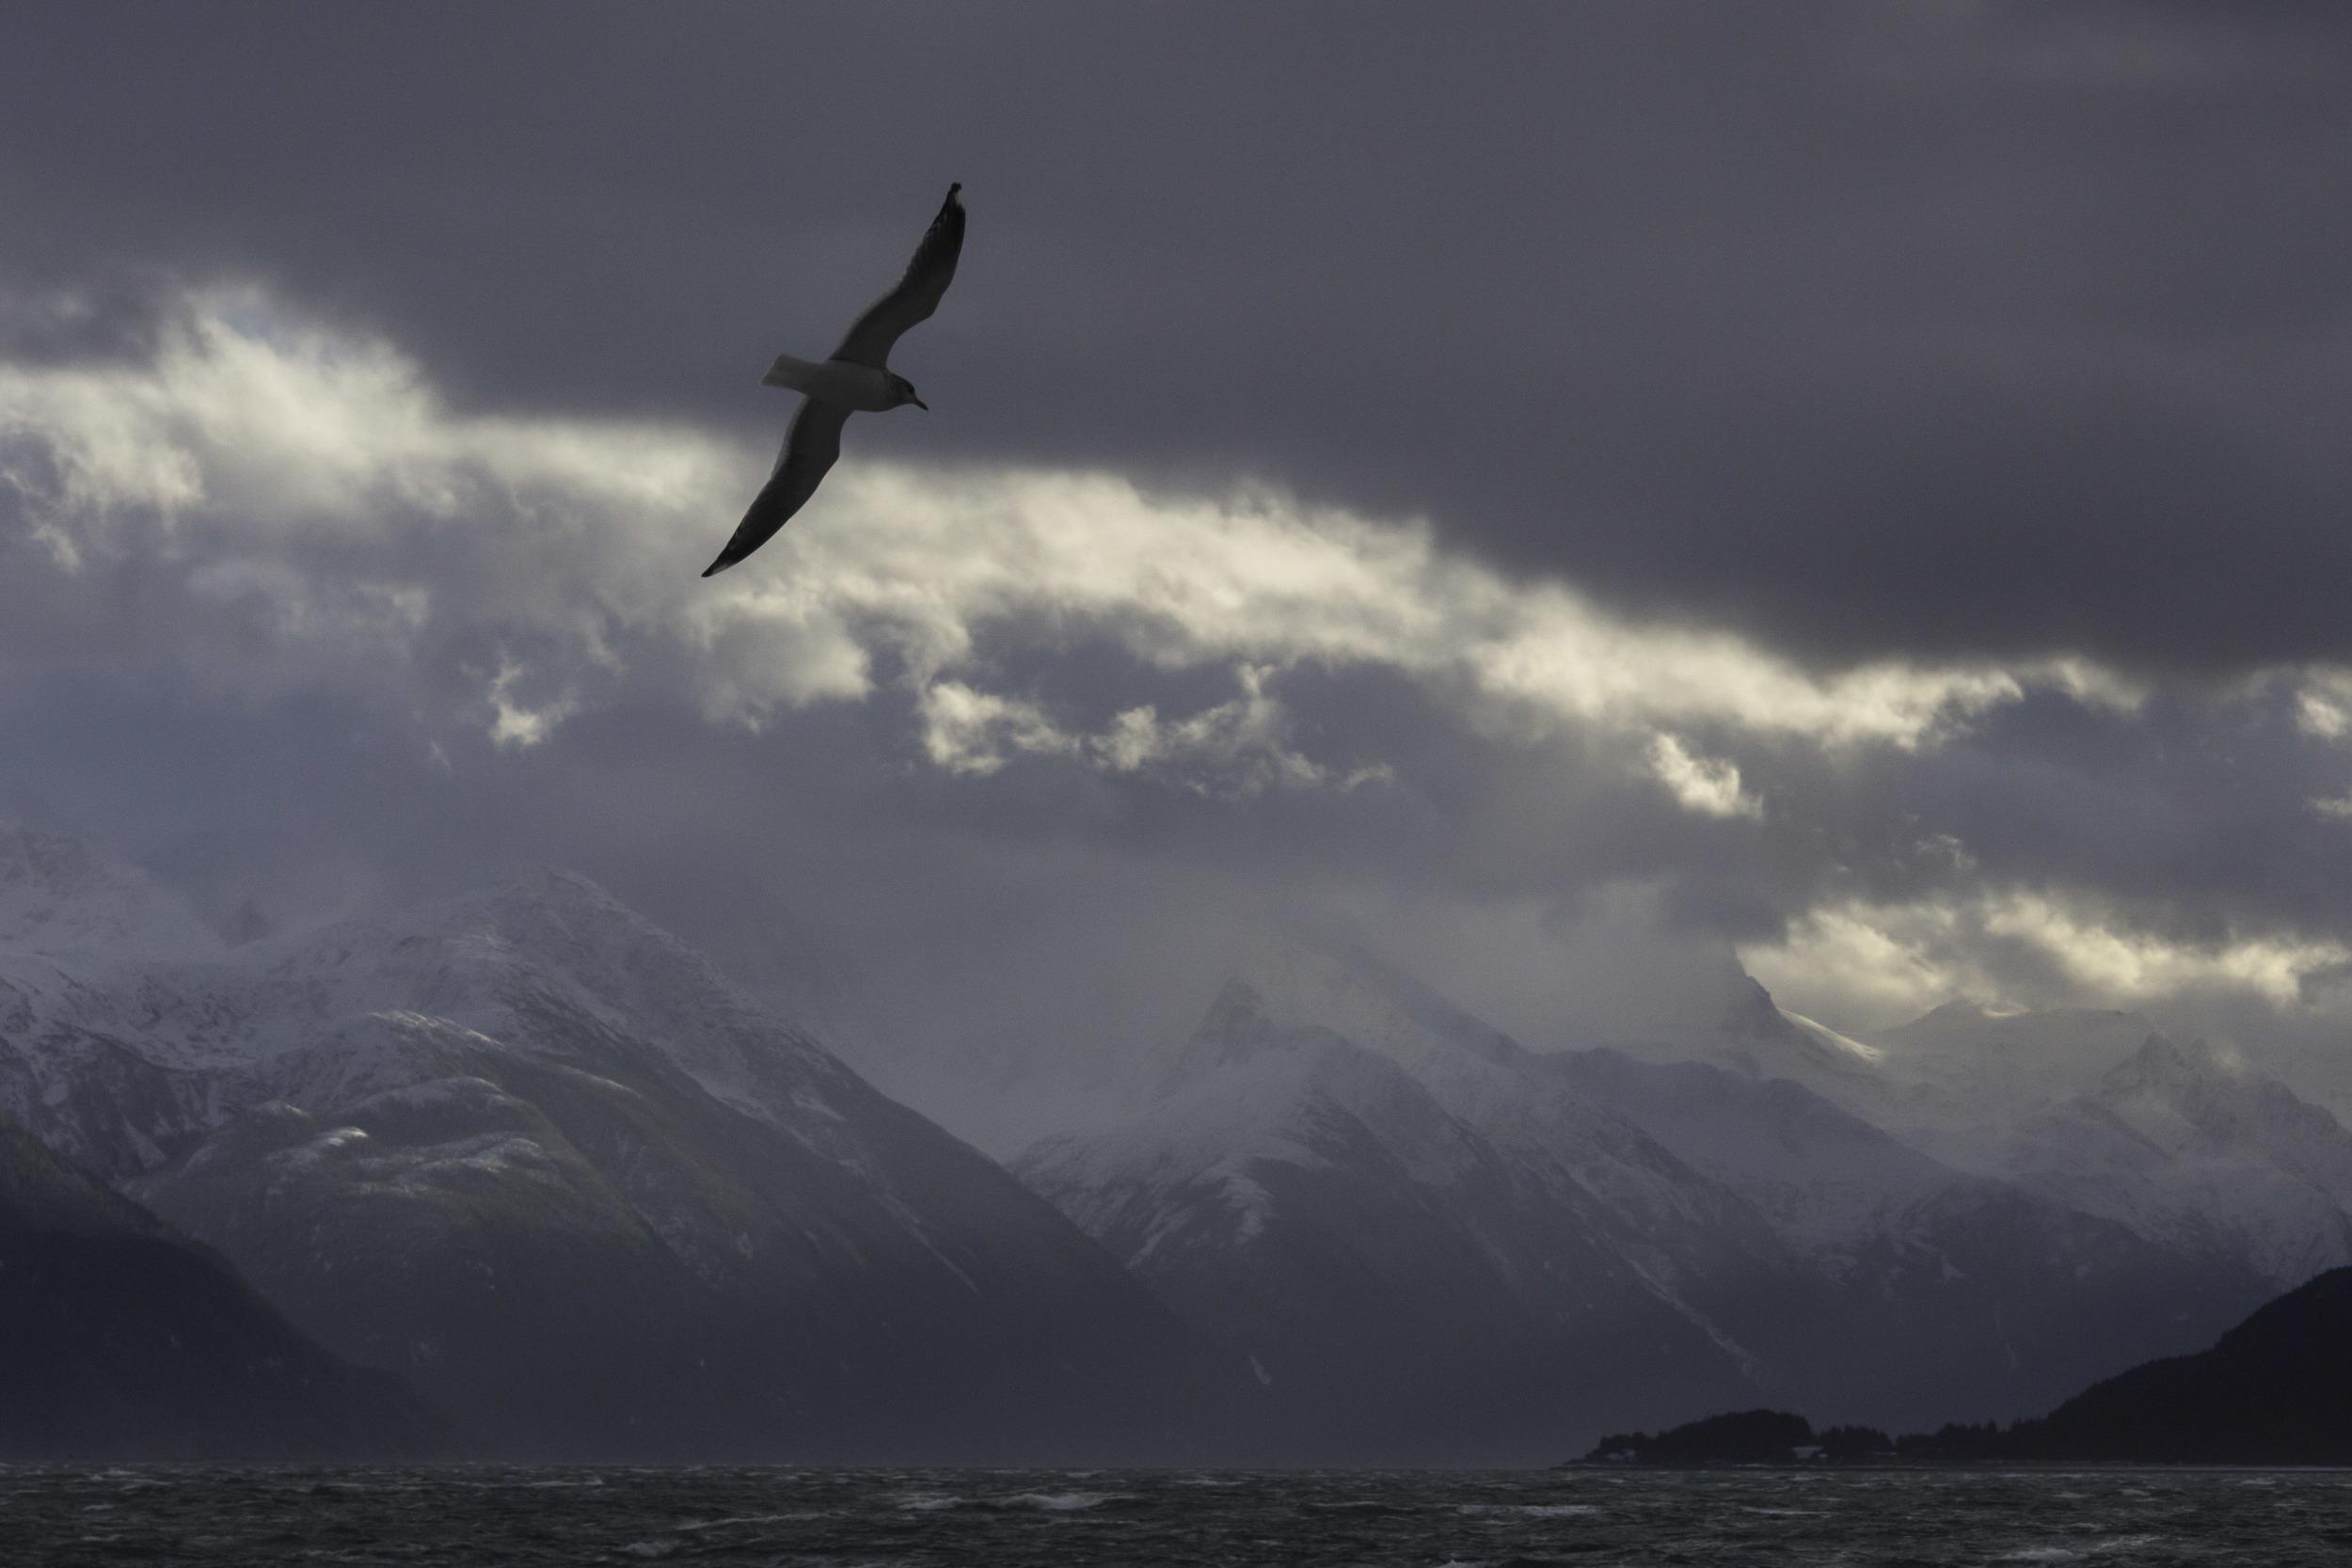 glaucous-winged_gull_00502130b.jpg